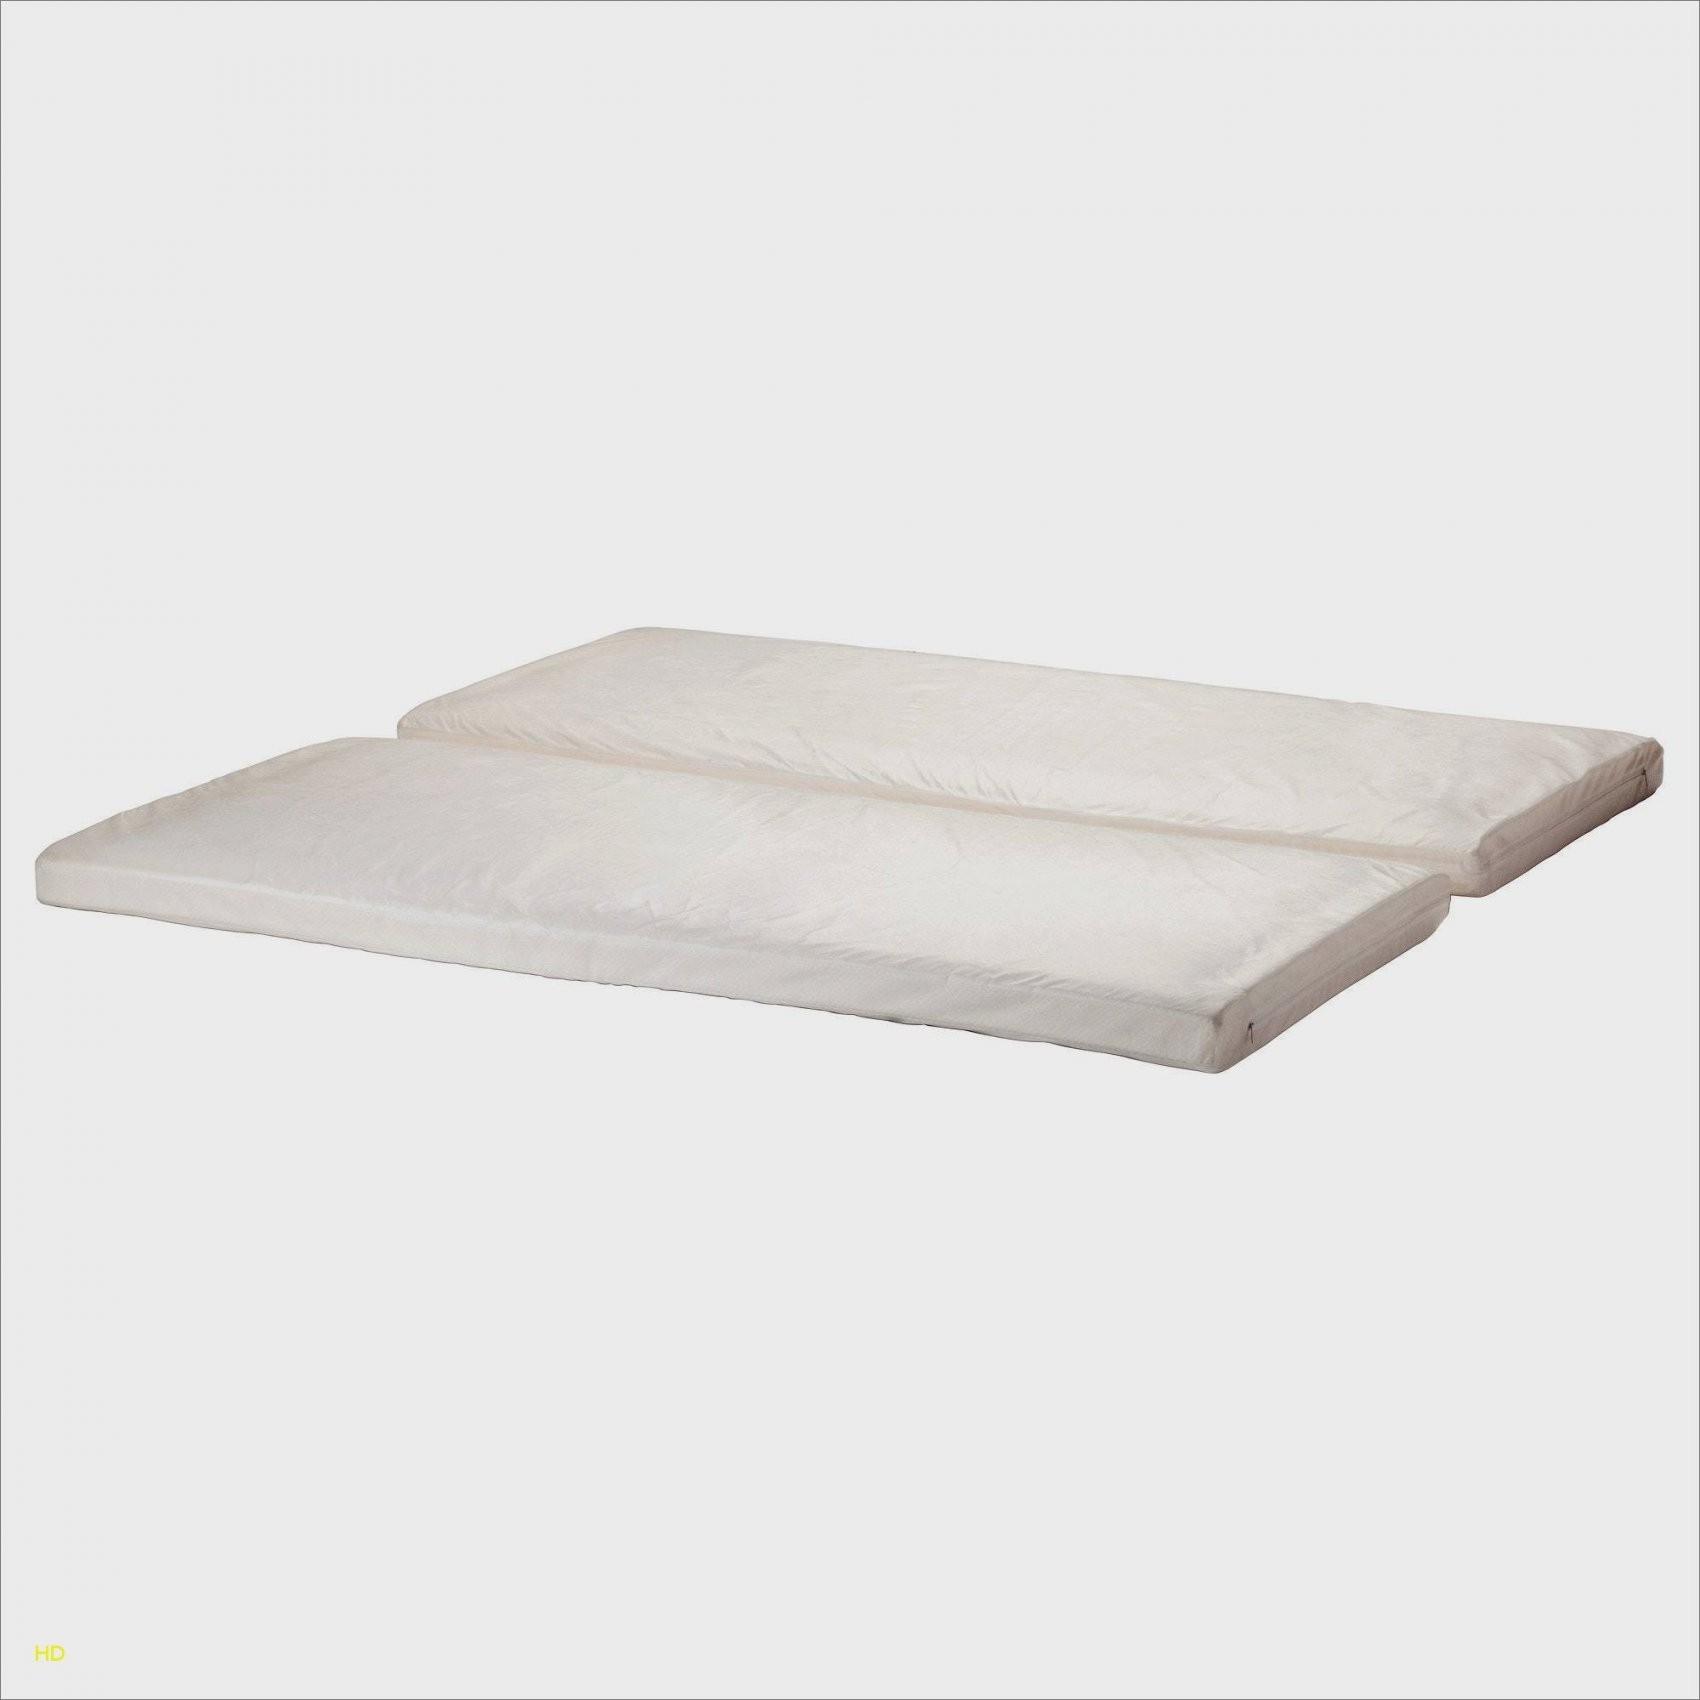 Matratzentopper Dänisches Bettenlager Best Of Das Elegant Beste Von von Matratzen Topper 140X200 Dänisches Bettenlager Bild